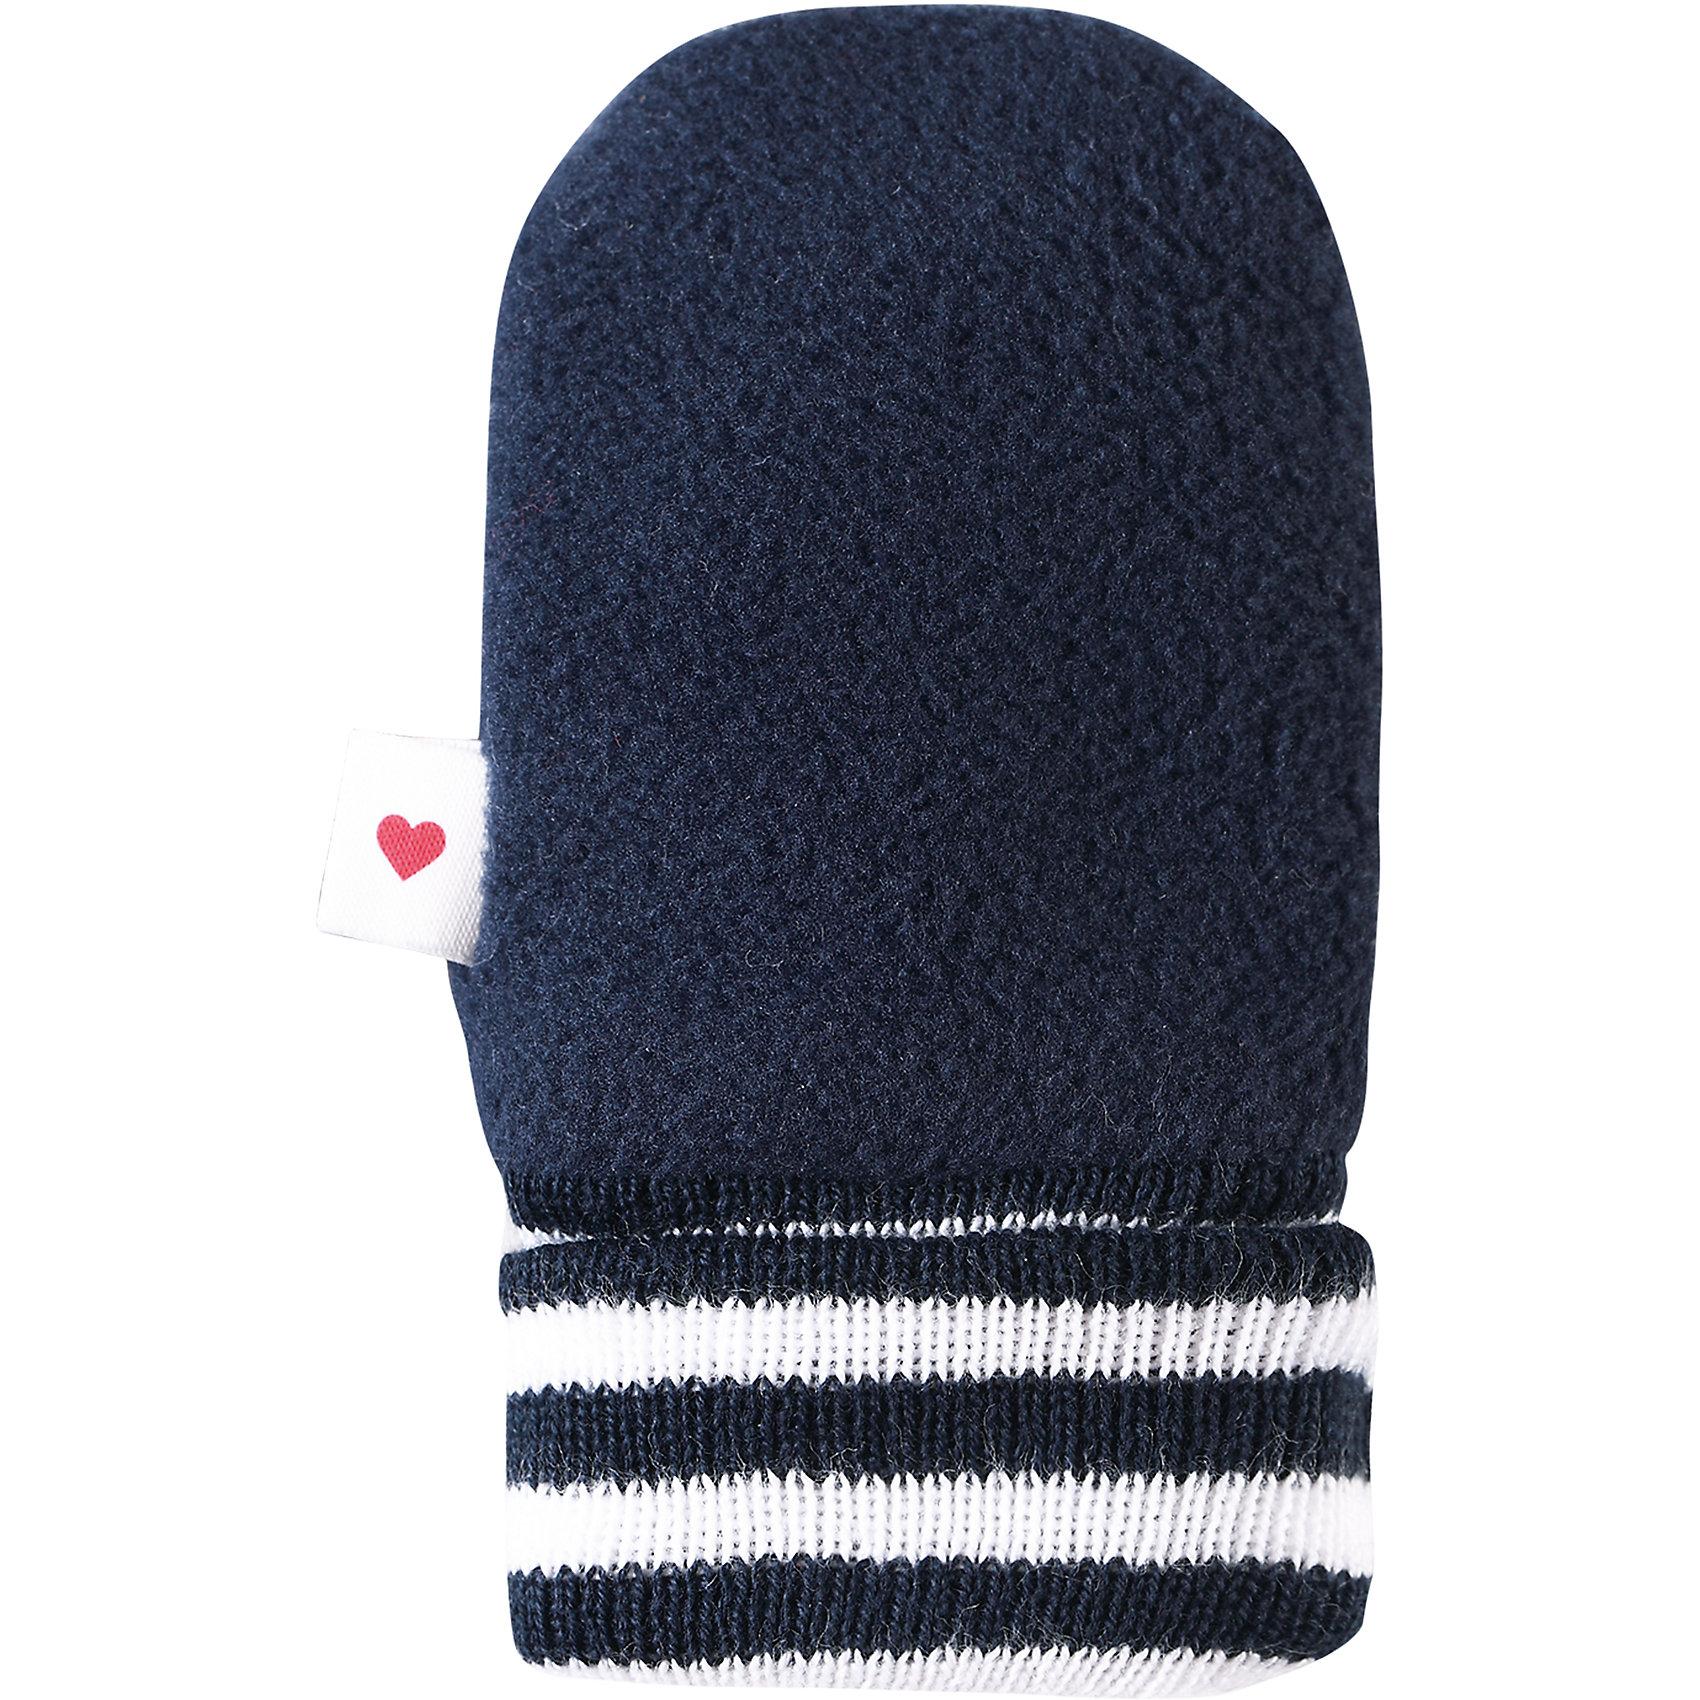 Варежки Mielle для мальчика ReimaПерчатки, варежки<br>Характеристики товара:<br><br>• цвет: синий<br>• материал: поларфлис<br>• состав: верх - 100% полиэстер<br>• теплый, легкий и быстросохнущий полярный флис<br>• эластичный хлопковый трикотаж<br>• основной материал сертифицирован Oeko-Tex, класс 1, одежда для малышей<br>• сплошная подкладка из хлопкового трикотажа<br>• декоративный логотип сбоку<br>• без утеплителя<br>• страна производства: Китай<br>• страна бренда: Финляндия<br>• коллекция: весна-лето 2017<br><br>Reima представляет симпатичные варежки для малышей. Они помогут обеспечить ребенку комфорт и удобство. Варежки отлично смотрятся с различной одеждой. Изделия удобно сидят и модно выглядят, в их основе мягкий и теплый материал. Стильный дизайн разрабатывался специально для детей.<br><br>Одежда и обувь от финского бренда Reima пользуется популярностью во многих странах. Эти изделия стильные, качественные и удобные. Для производства продукции используются только безопасные, проверенные материалы и фурнитура. Порадуйте ребенка модными и красивыми вещами от Reima! <br><br>Варежки для мальчика от финского бренда Reima (Рейма) можно купить в нашем интернет-магазине.<br><br>Ширина мм: 162<br>Глубина мм: 171<br>Высота мм: 55<br>Вес г: 119<br>Цвет: синий<br>Возраст от месяцев: 0<br>Возраст до месяцев: 12<br>Пол: Мужской<br>Возраст: Детский<br>Размер: 0,1<br>SKU: 5271181